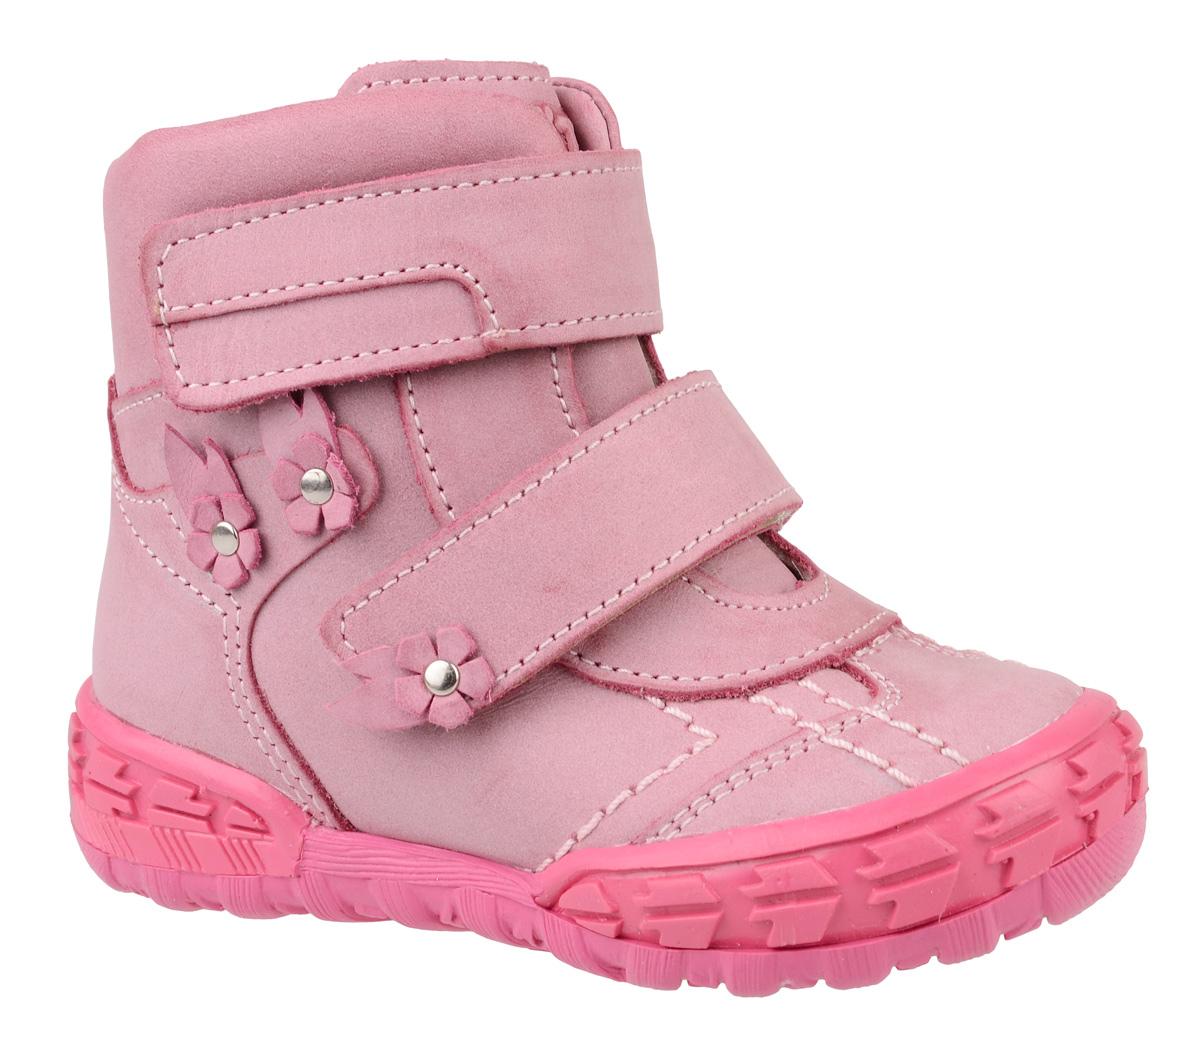 Ботинки для девочки Тотто, цвет: розовый. 238-Д-БП. Размер 21238-Д-БПБотинки для девочки Тотто - это ортопедическая обувь, которая помогает правильному формированию стопы ребенка. Такая обувь необходима в детском возрасте для коррекции стоп при плоскостопии и вальгусной деформации, а также для профилактики этих состояний. Она обеспечивает правильное распределение нагрузки на передний отдел стопы и пятку, за счет чего малыш лучше удерживает равновесие и чувствует себя более уверенно. Обувь Тотто идеально подходит для детей, которые только начали ходить.Верх ботинок выполнен из натуральной замшевой кожи. Подошва изготовлена из легкого, гибкого и прочного термопластичного материала, она смягчает удары от соприкосновения обуви с поверхностью, защищая детскую ножку от травм. Протектор подошвы обеспечивает надежное сцепление с землей или асфальтом. Внутренняя поверхность и стелька отделаны байкой. Ботинки застегиваются с помощью ремешков на липучки, благодаря которым можно регулировать объем обуви. Модель декорирована аппликацией в виде цветов сбоку изделия. Весь модельный ряд Тотто характеризует: плотный захват голеностопа, мягкие нейтрализующие швы, жесткий задник продлен до середины стопы, стельки со сводоподдерживающим эффектом, натуральная кожа.